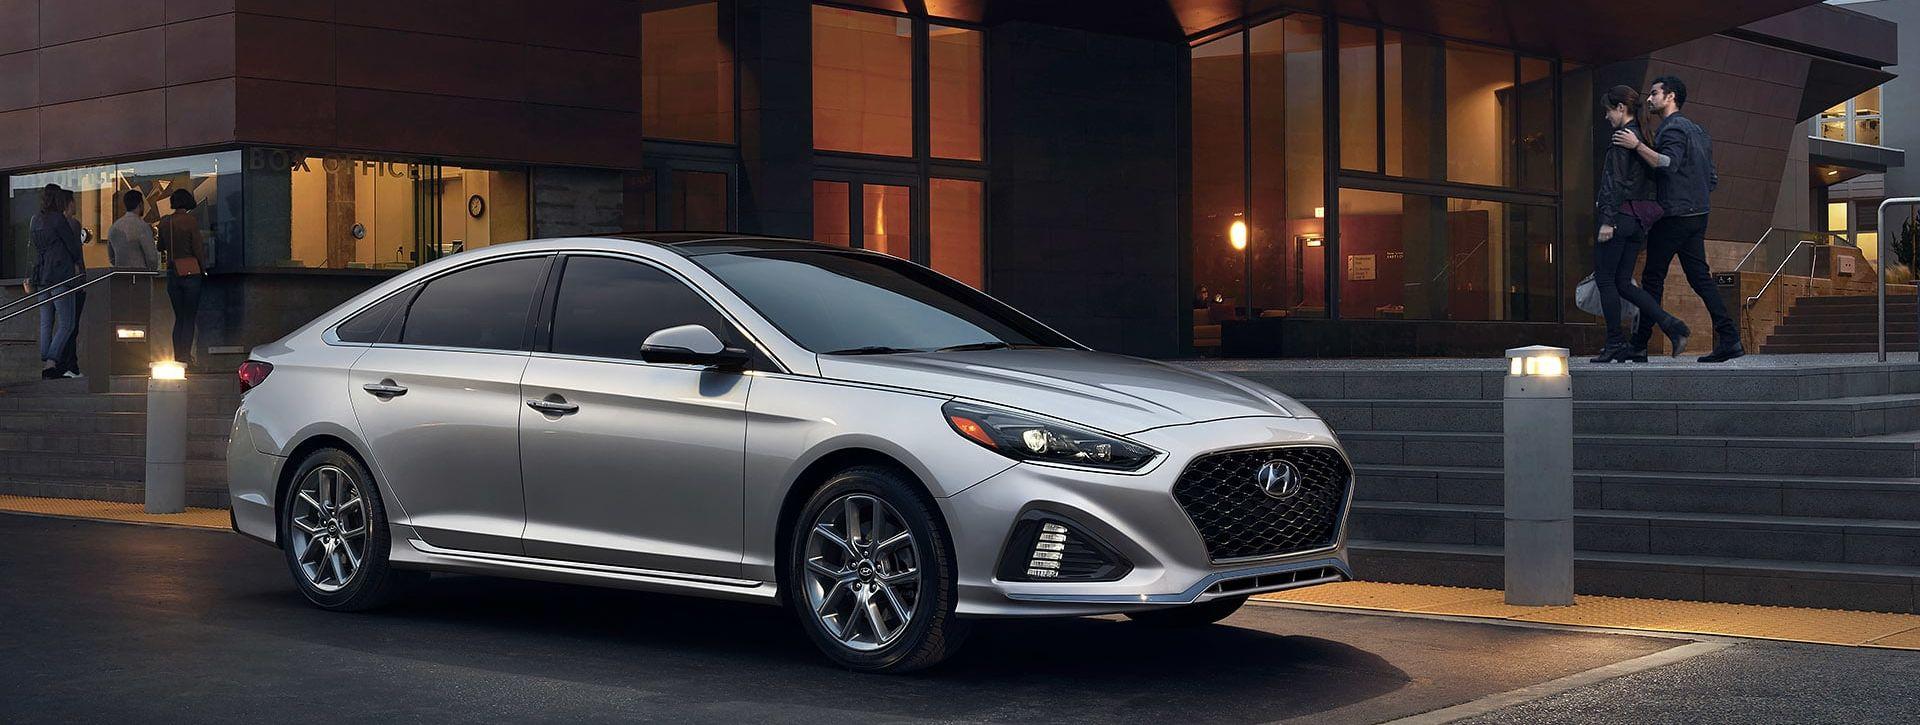 Hyundai Sonata 2019 a la venta cerca de Stafford, VA